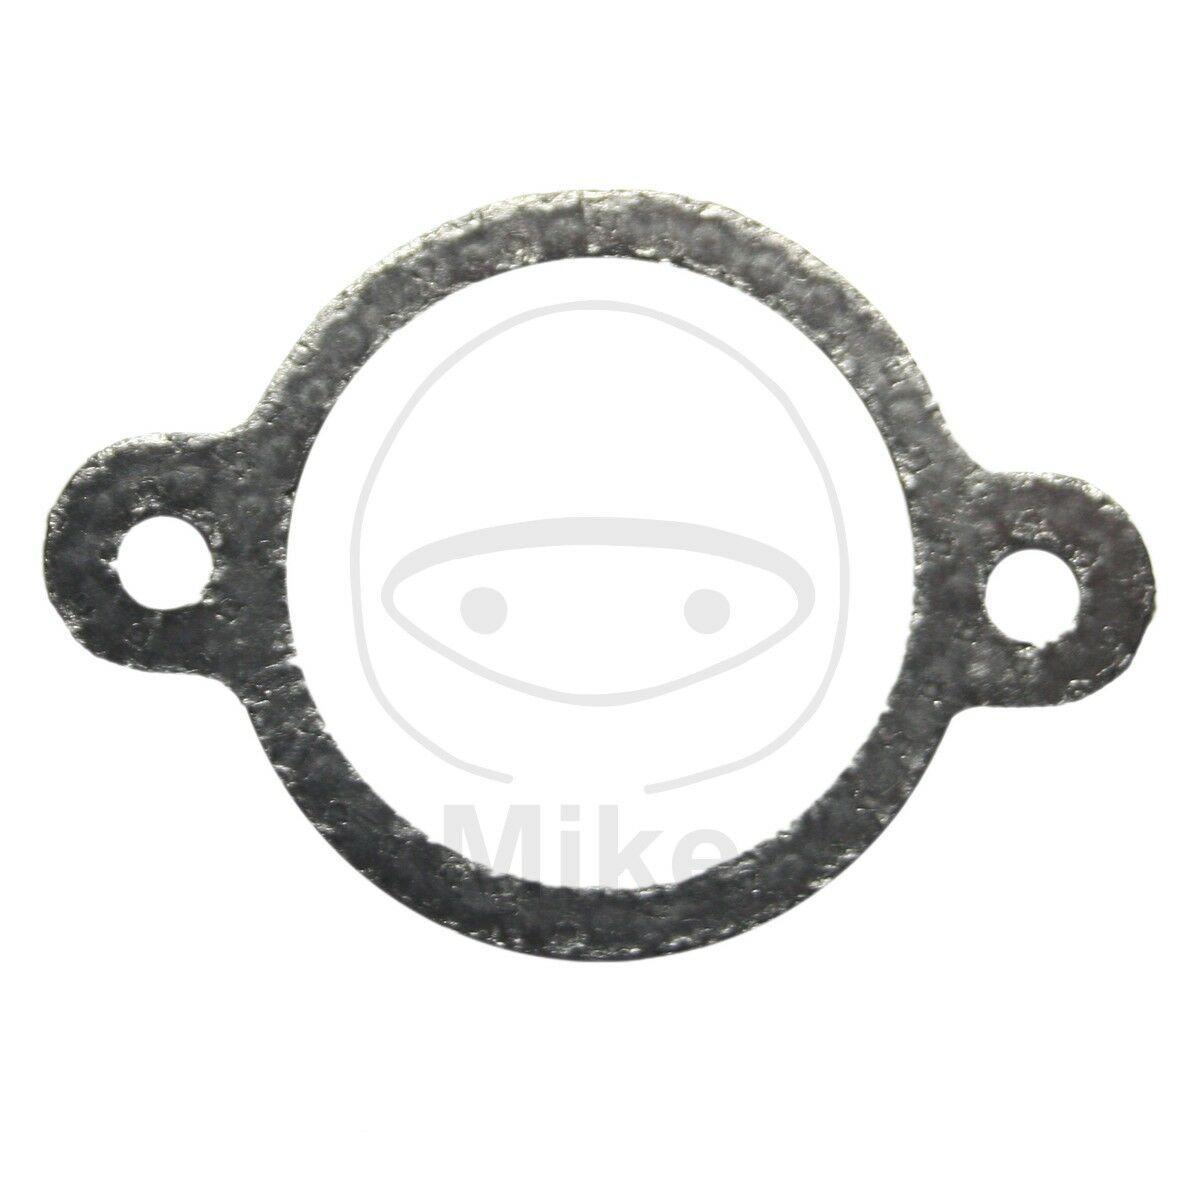 Obrázek produktu Těsnění svodu výfuku ATHENA 51X74.15X1.5 mm